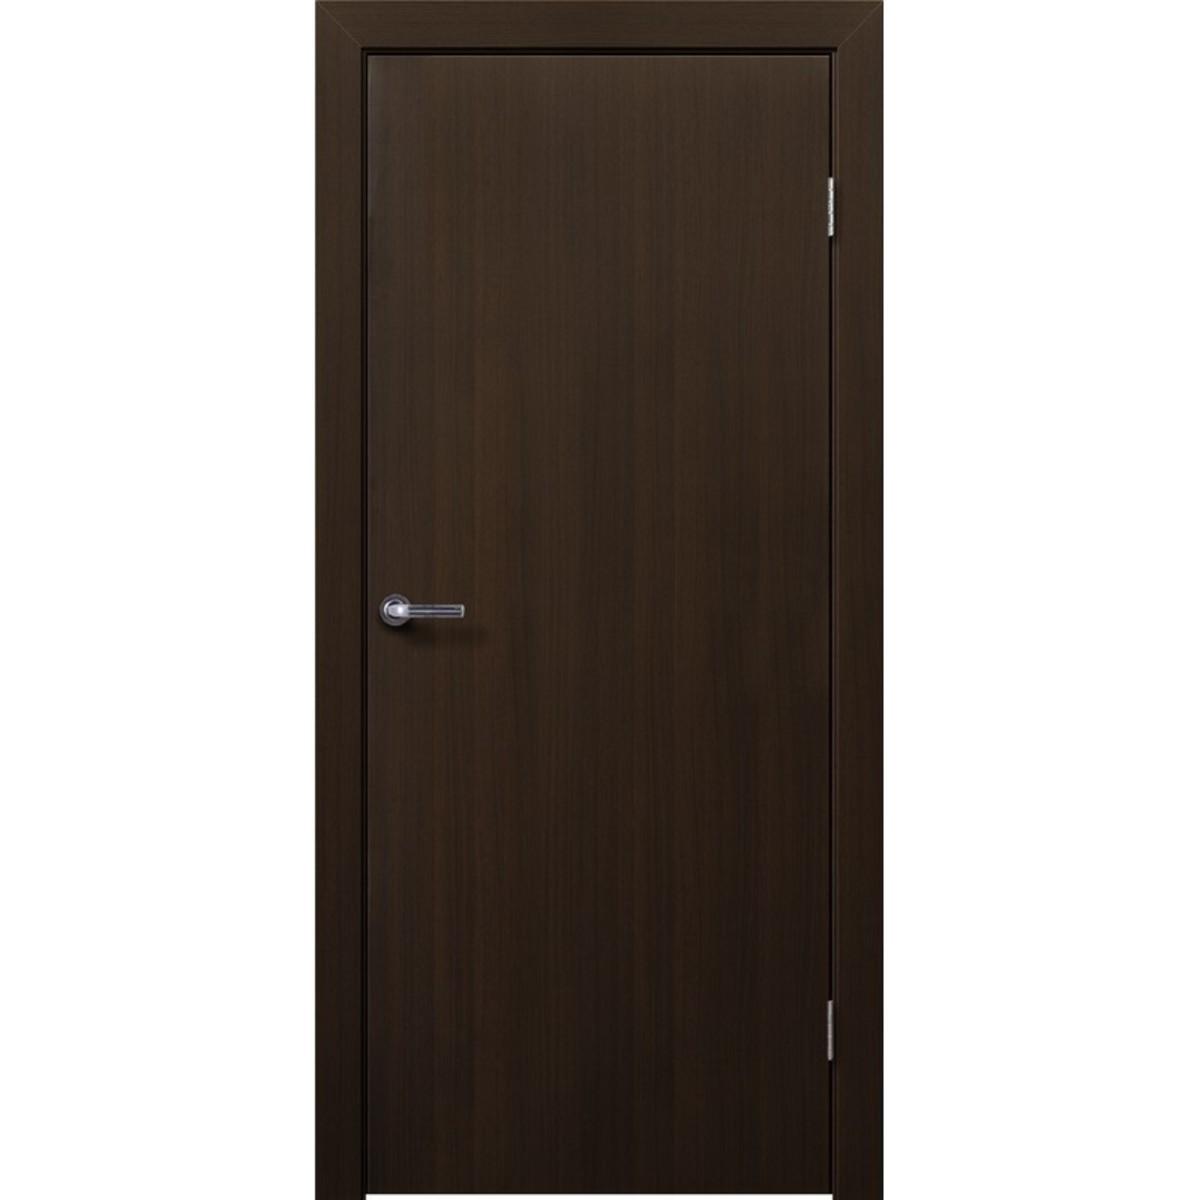 Дверь межкомнатная глухая 70x200 см ламинация цвет венге